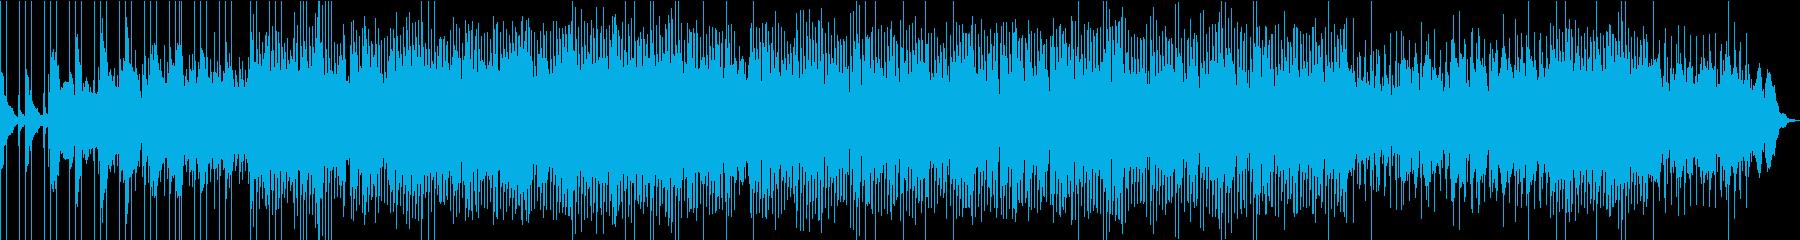 クールでかっこいい四つ打ちテクノの再生済みの波形